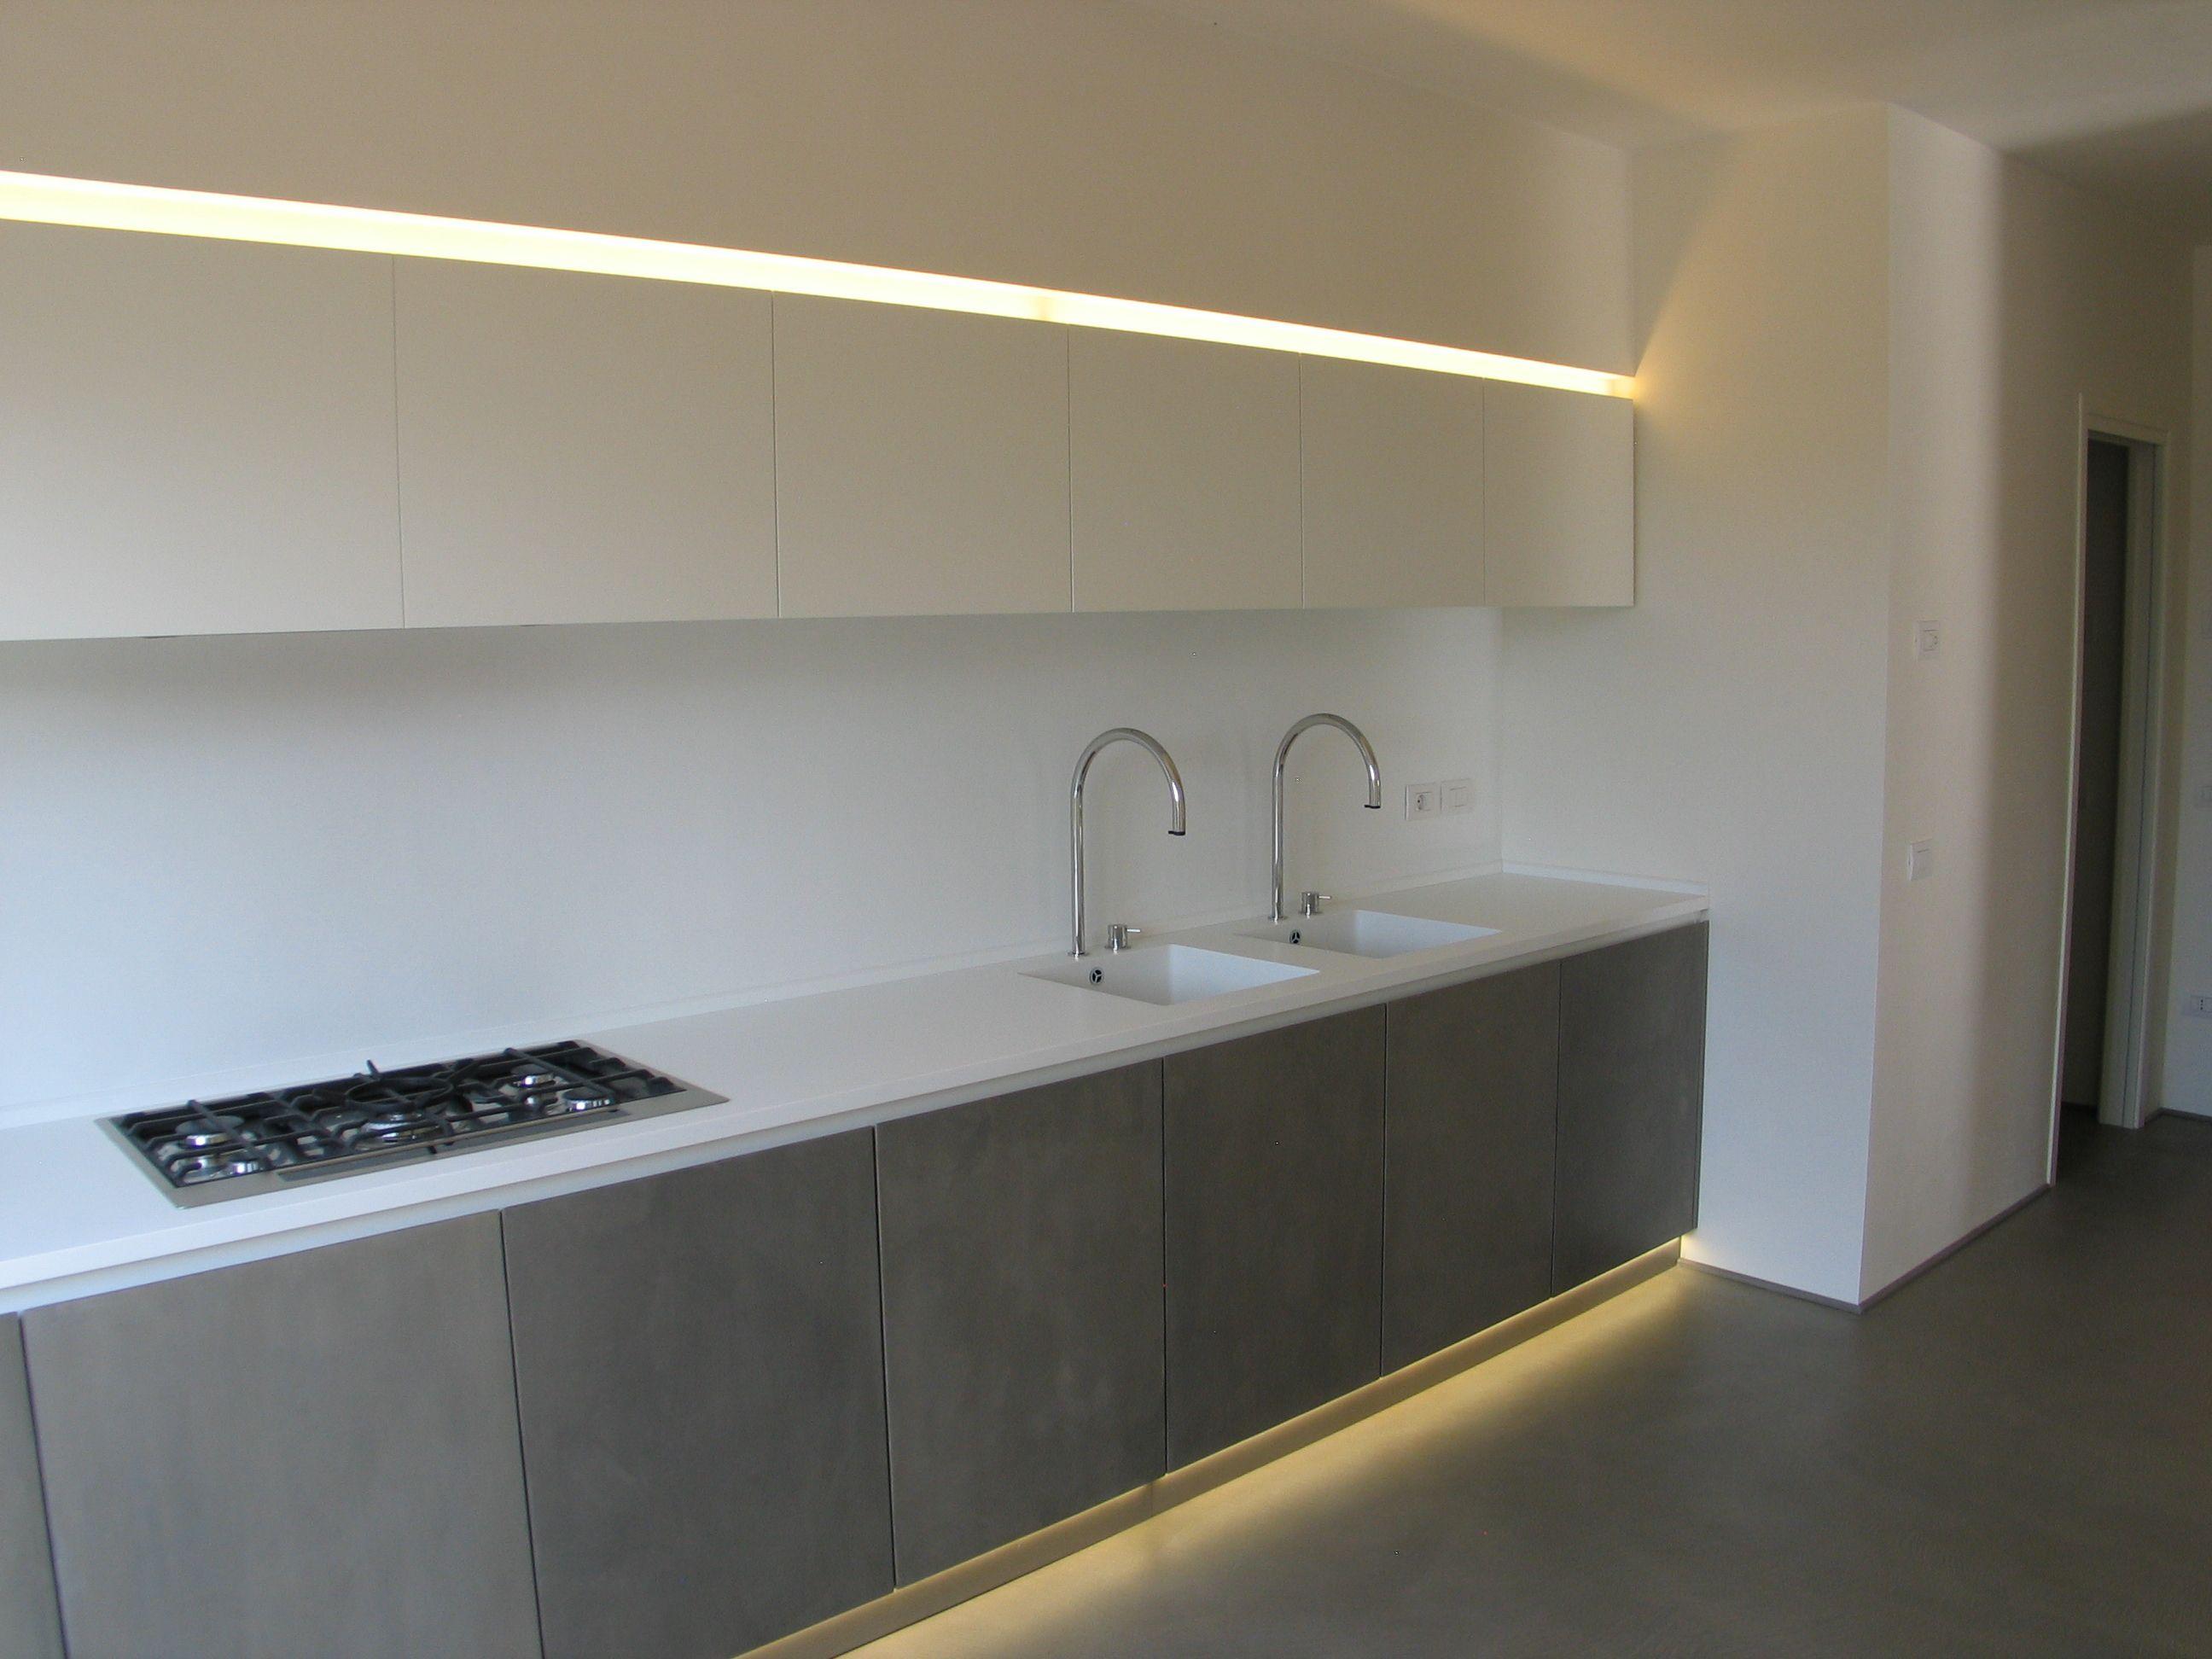 #cucina #design #corian #glacierwhite #led #oltremateria #ecomalta #pianogas